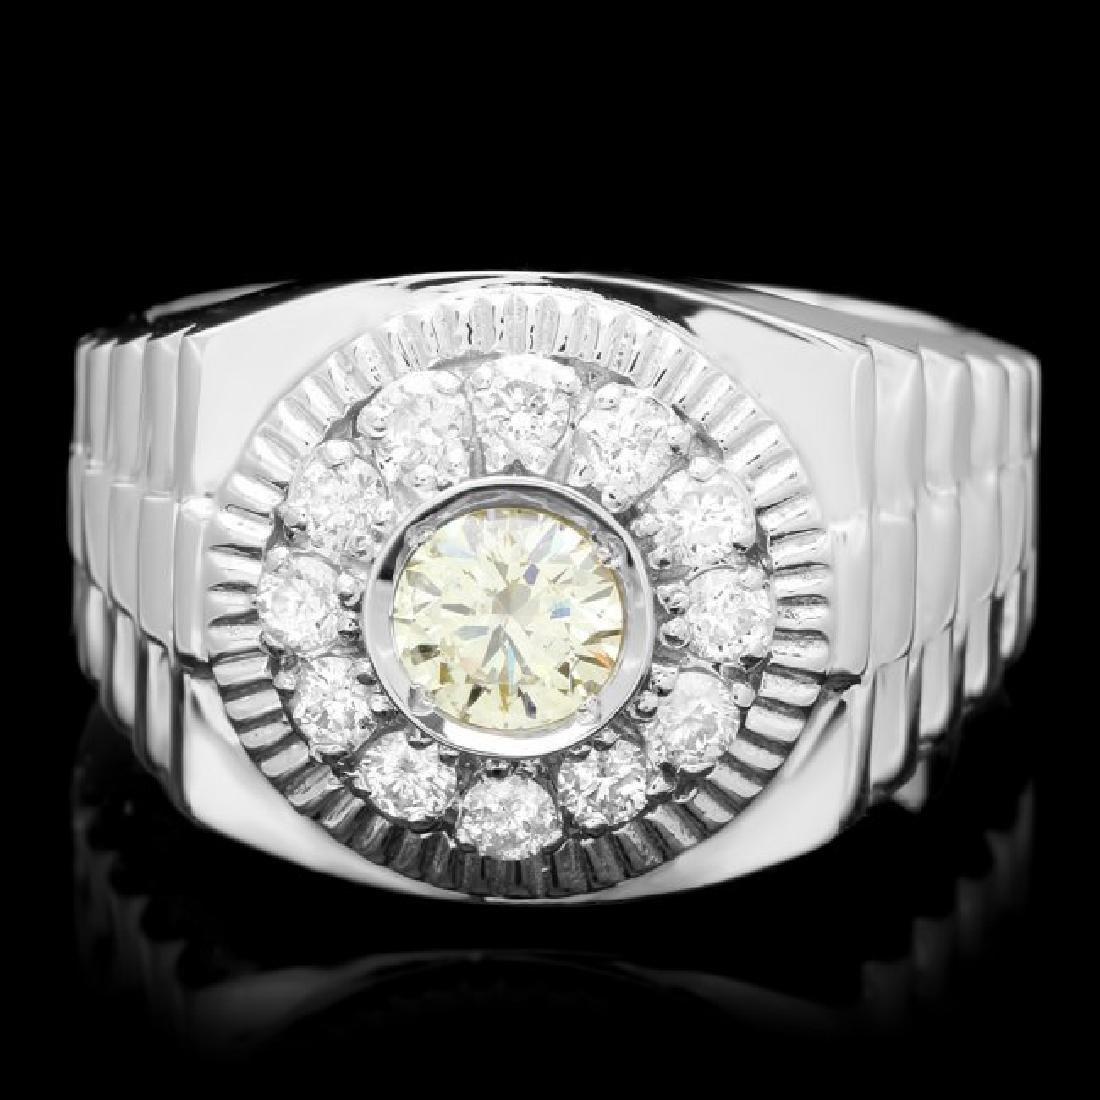 14k White Gold 1.05ct Diamond Ring